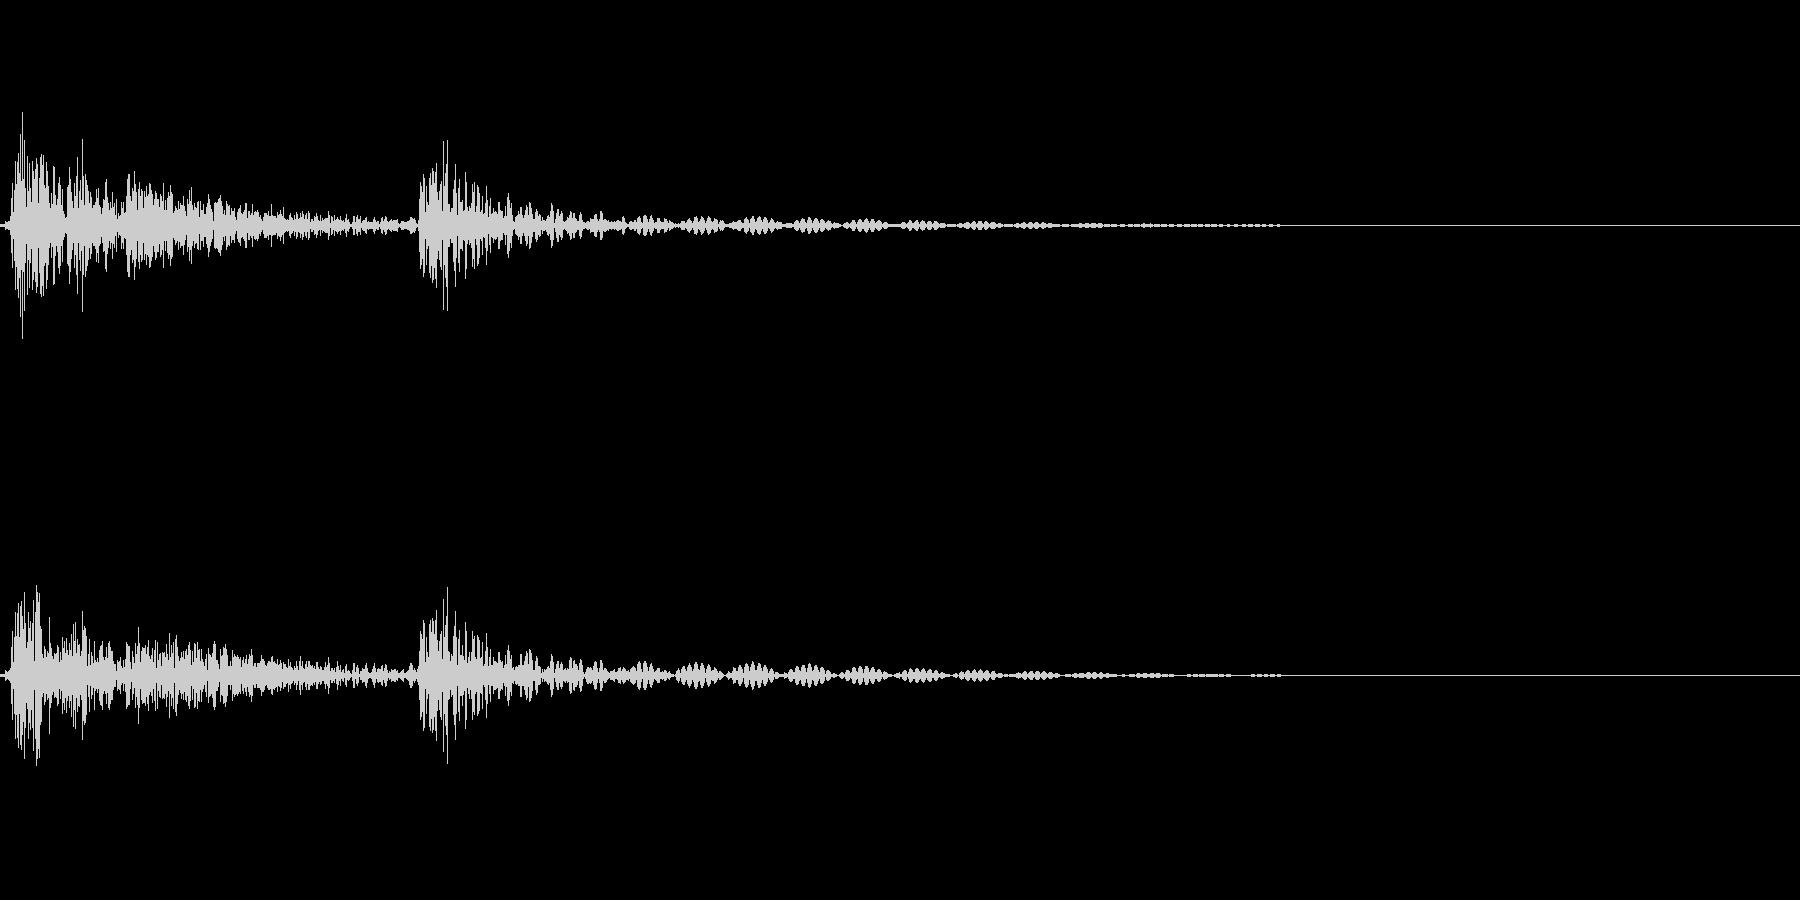 [カチッ]ボタン押下・タップ(コミカル)の未再生の波形